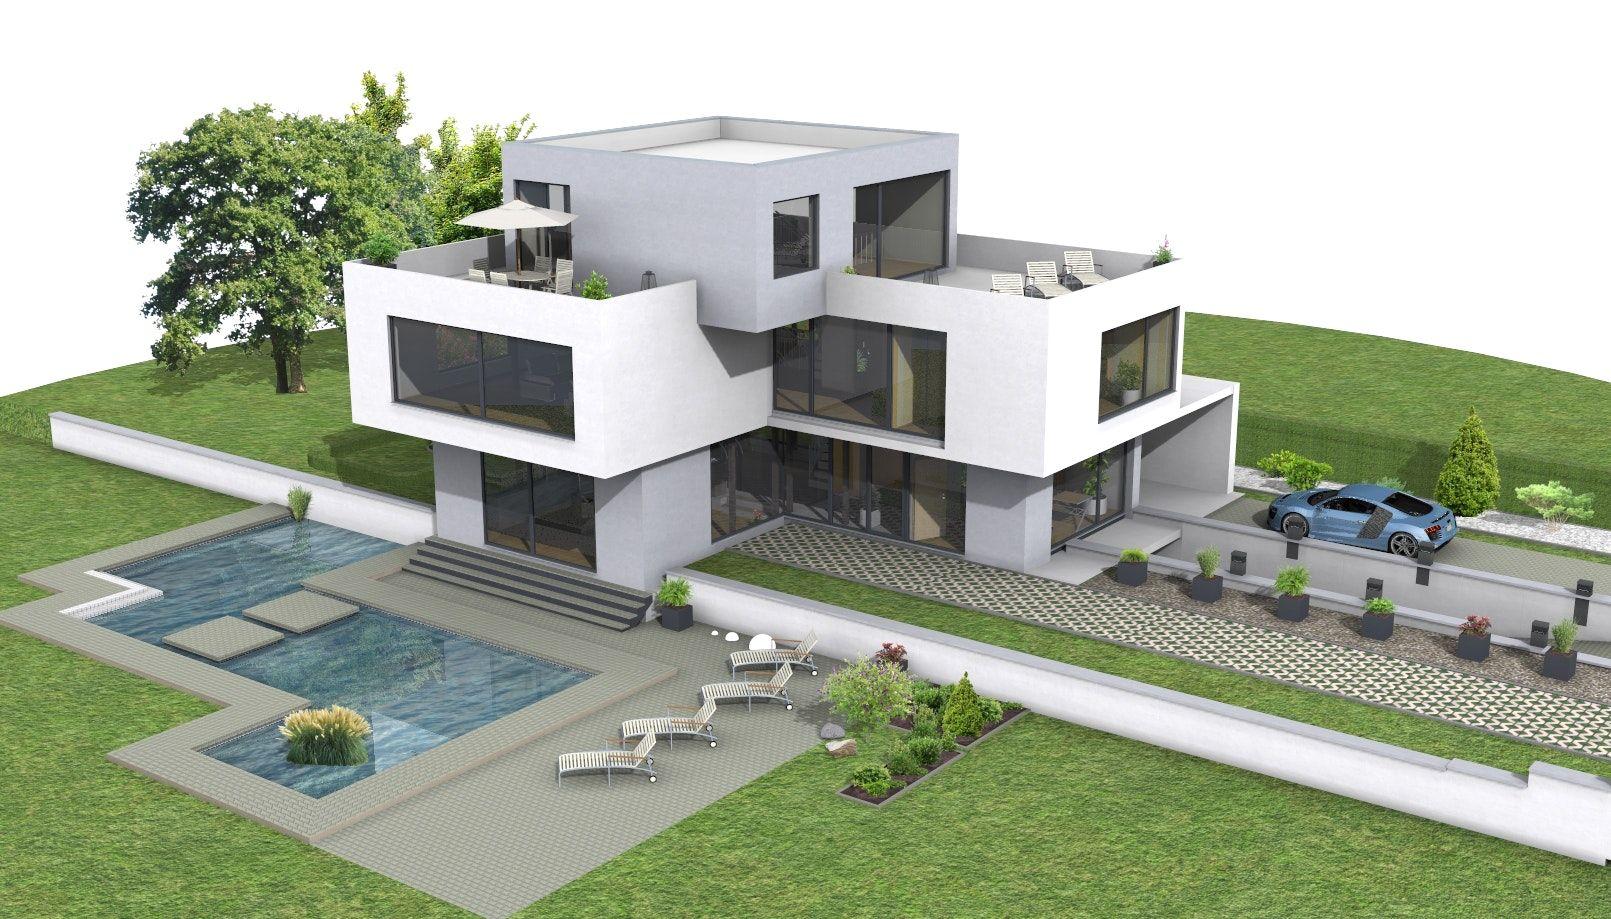 Superieur Dekoration Ideen Moderne Villa Grundriss 3d Mit Wohnung Selbst Erstellen  Zeichnen Und 0 Moderne Villa Grundriss